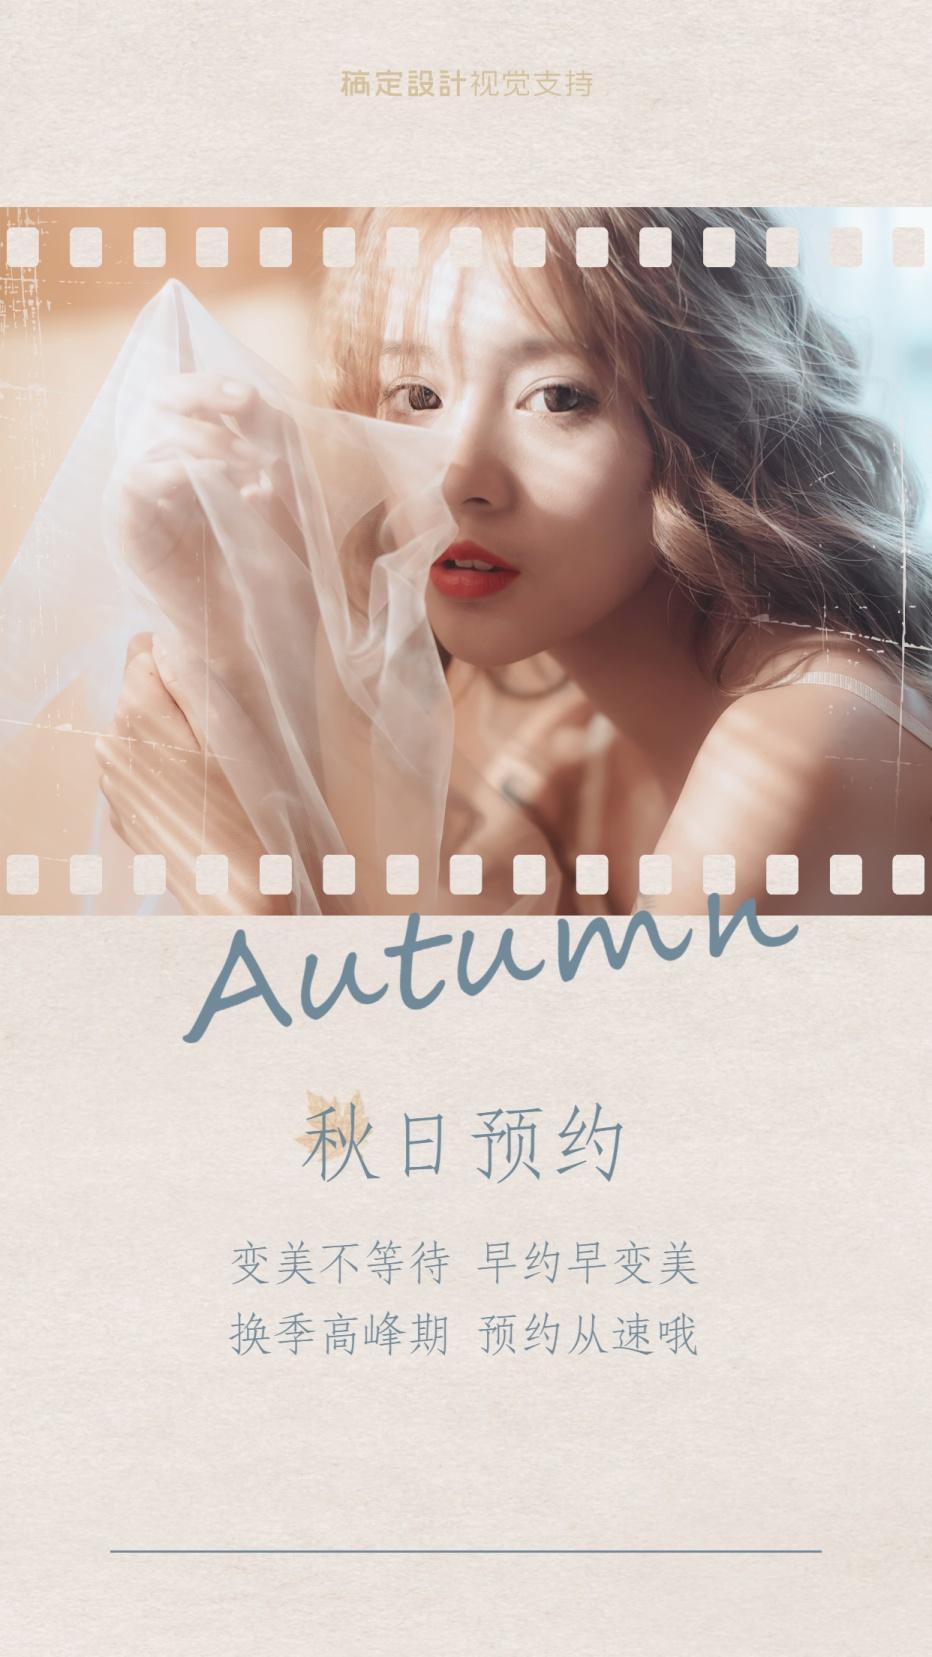 秋季美业预约电影海报